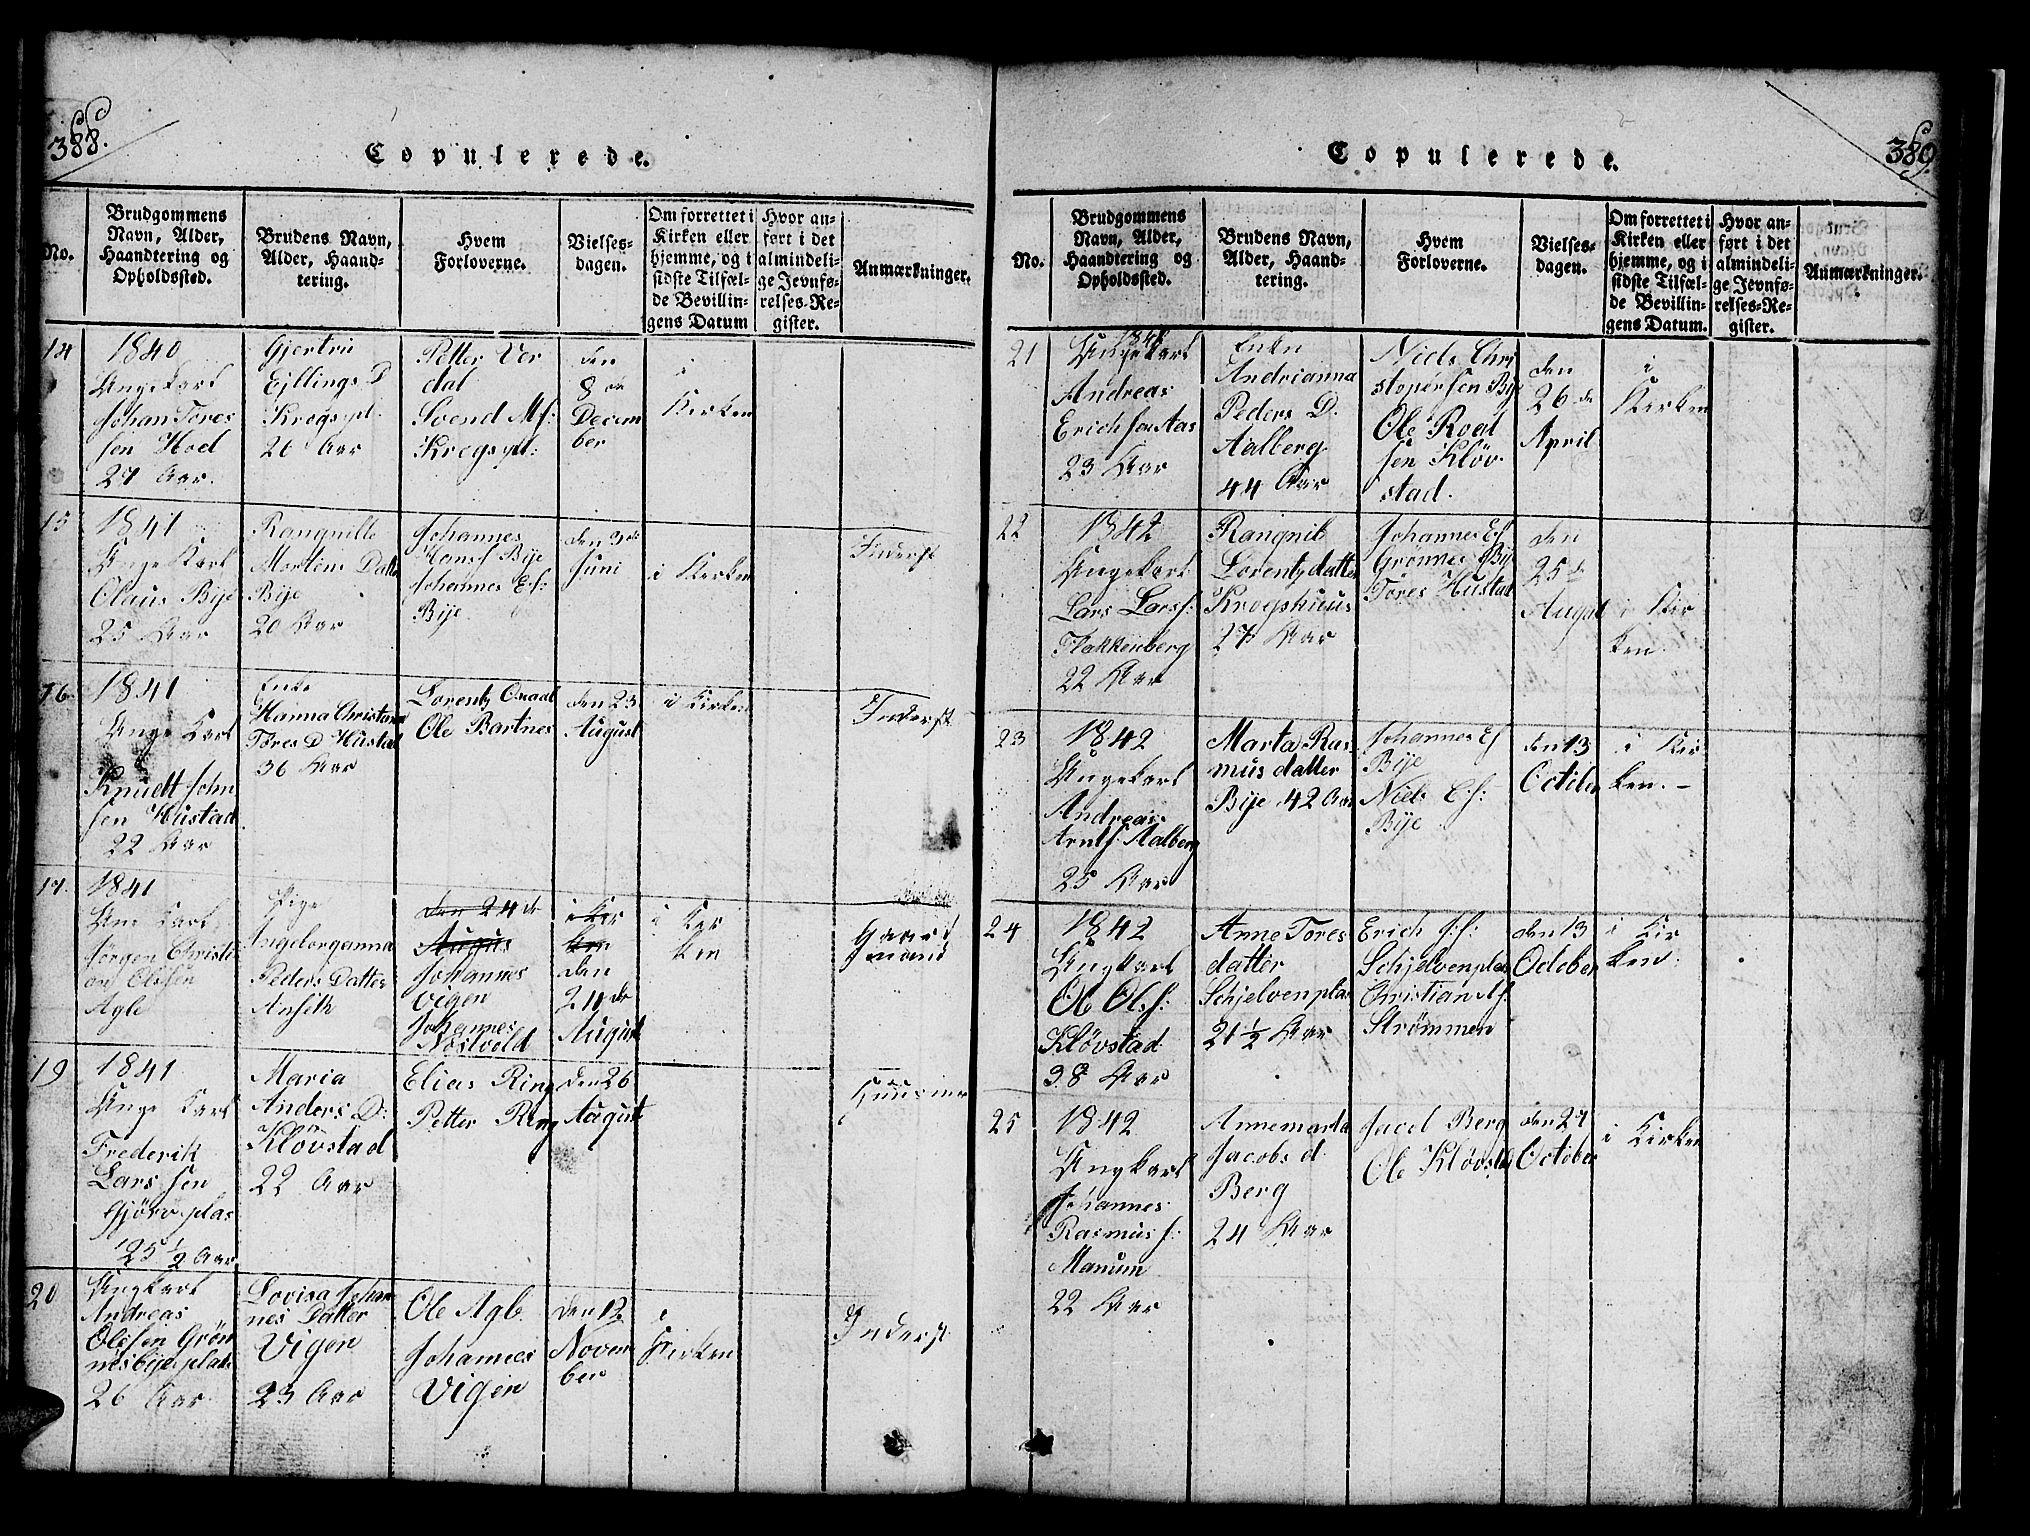 SAT, Ministerialprotokoller, klokkerbøker og fødselsregistre - Nord-Trøndelag, 732/L0317: Klokkerbok nr. 732C01, 1816-1881, s. 388-389